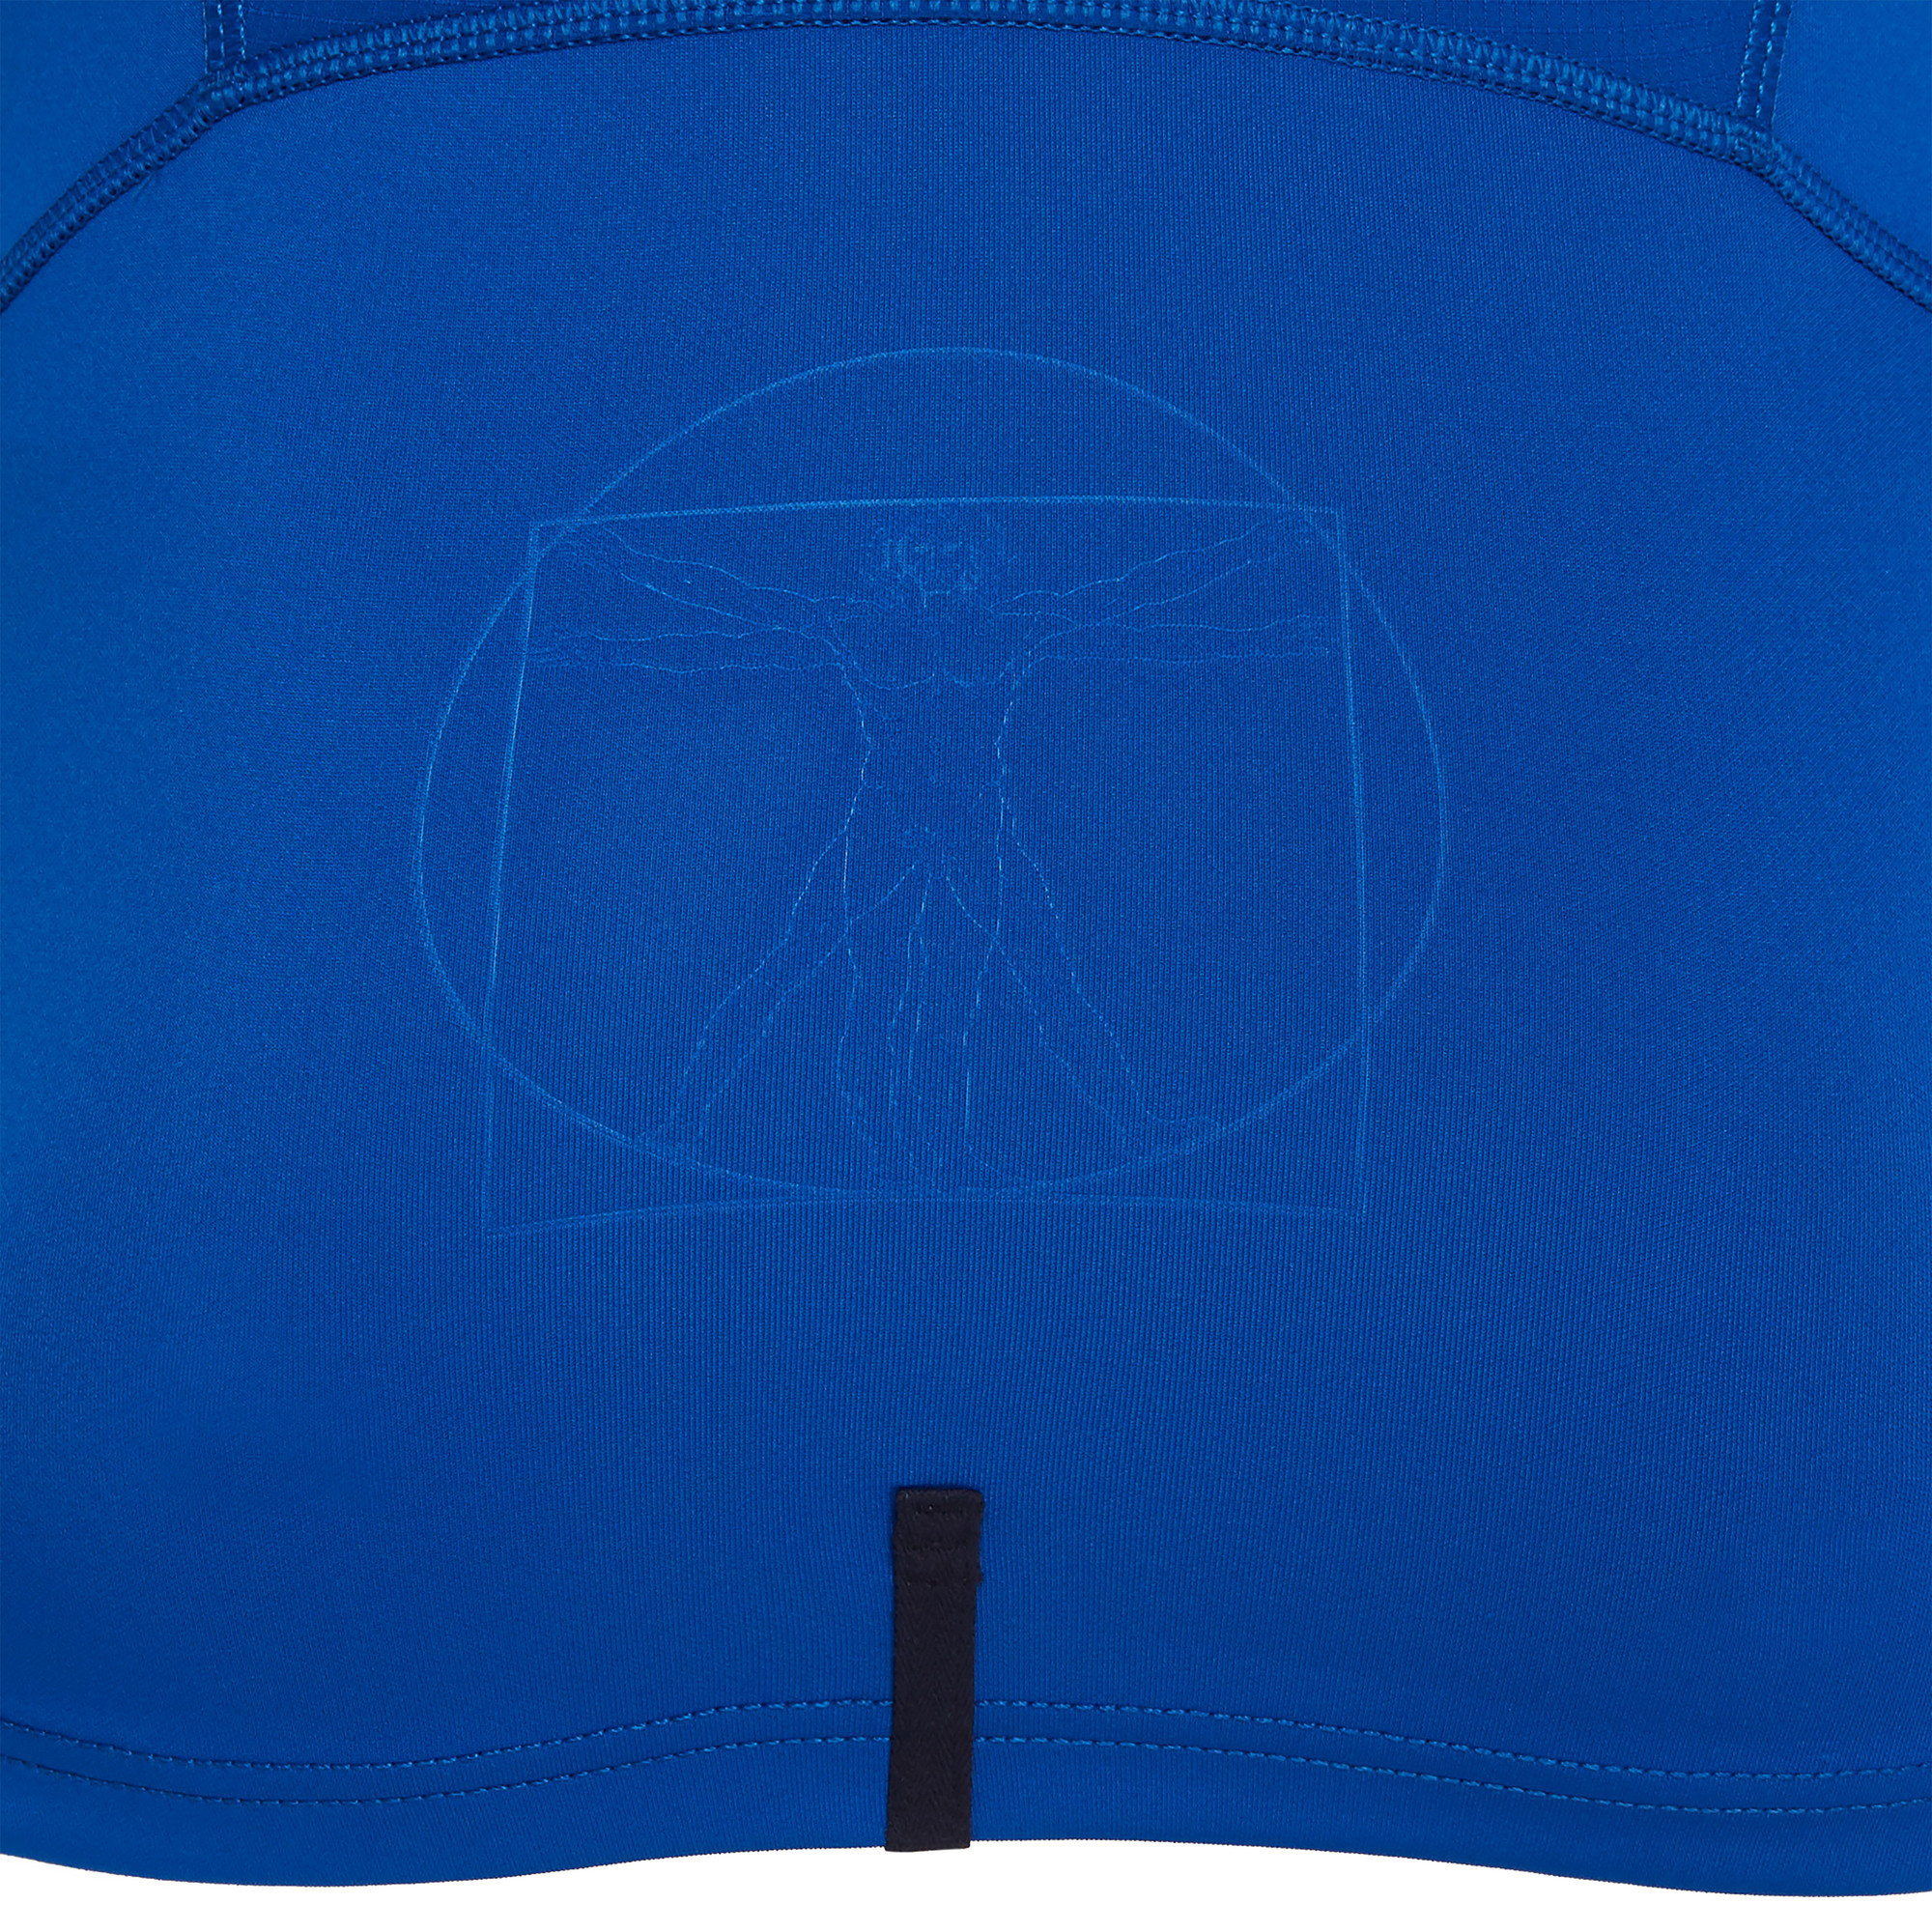 La Federazione Italiana Rugby e Macron, sponsor tecnico delle Nazionali azzurre, hanno presentato le nuove maglie che l'Italrugby indosser&agrav...